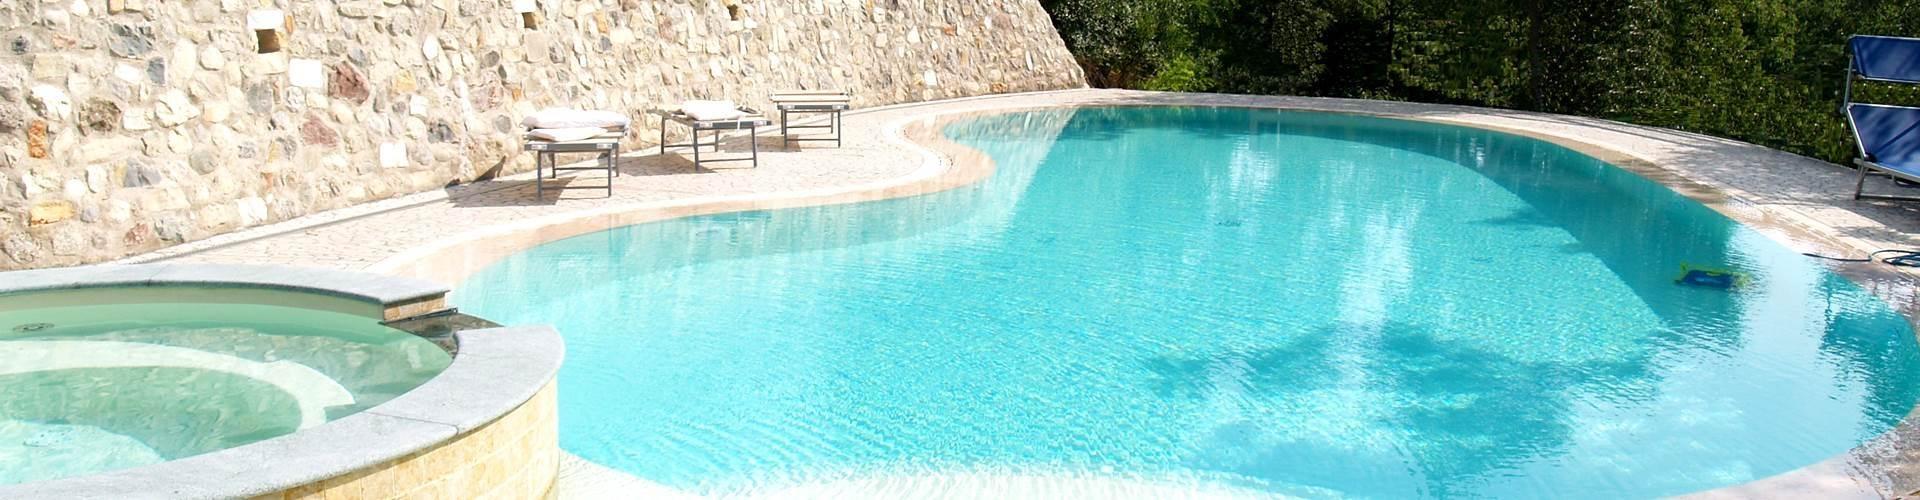 Piscine chiavi in mano costruzione piscine a mantova mn - Costruzione piscine brescia ...